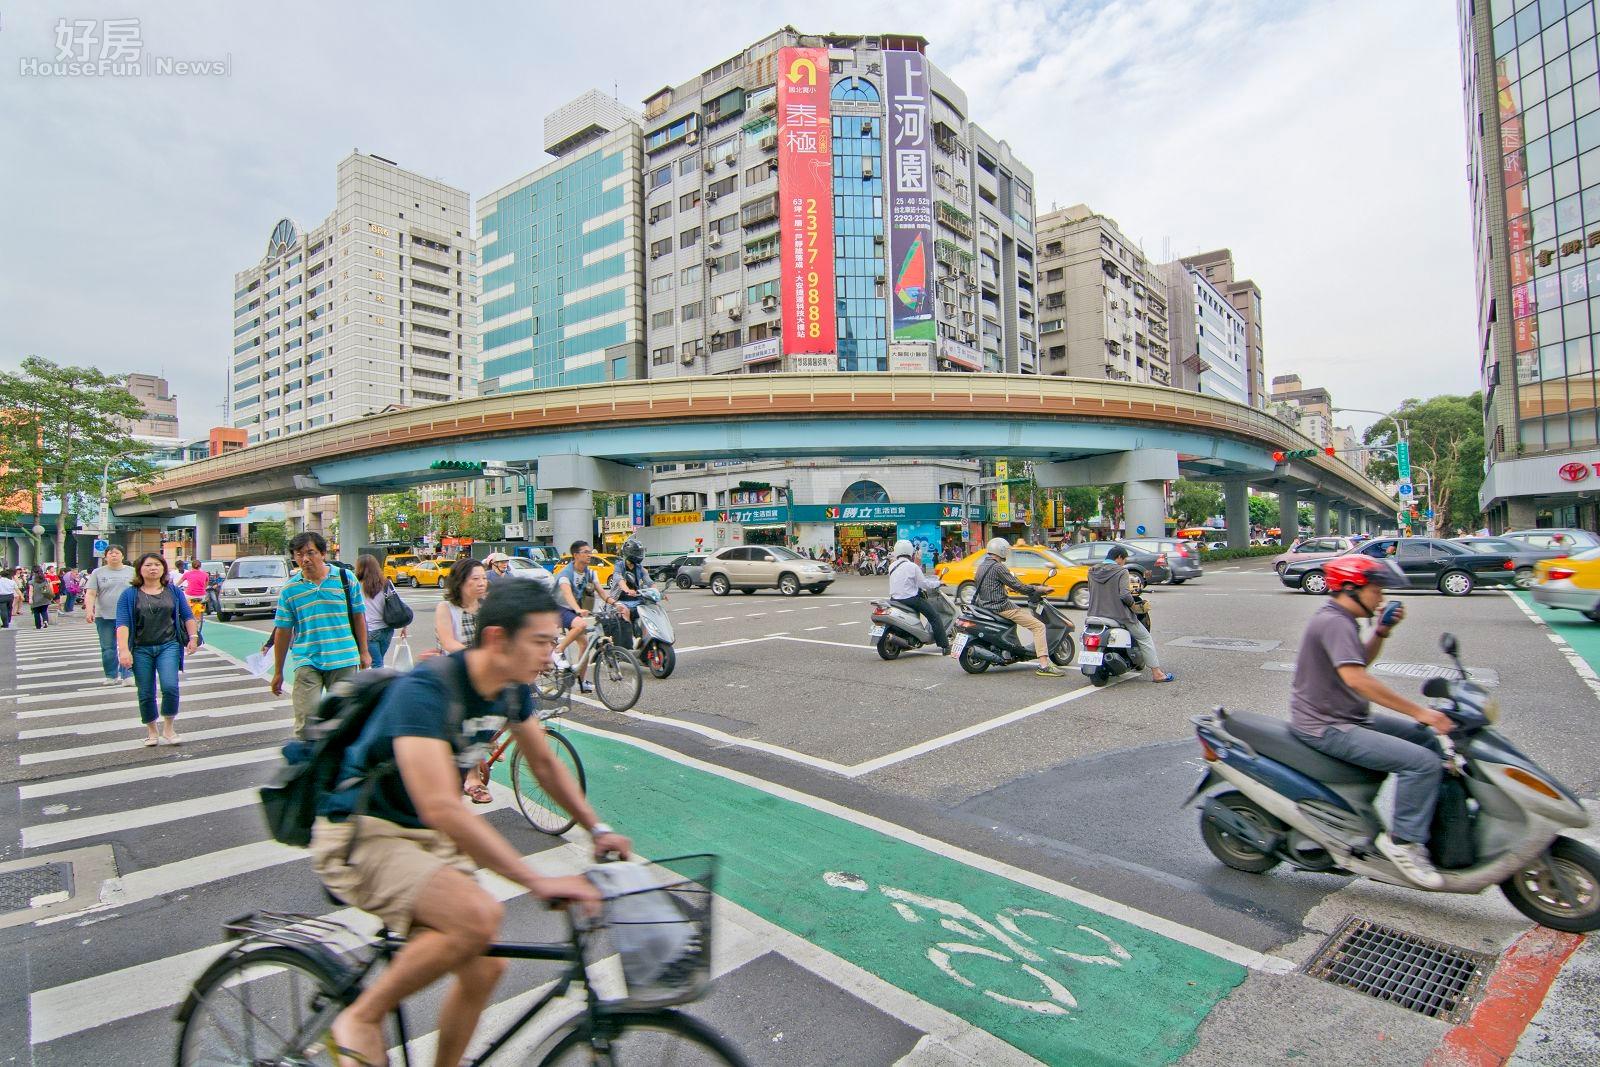 捷運科技大樓站,復興南路與和平東路交叉口街景,機車、腳踏車、路人。(好房News記者 陳韋帆/攝影)